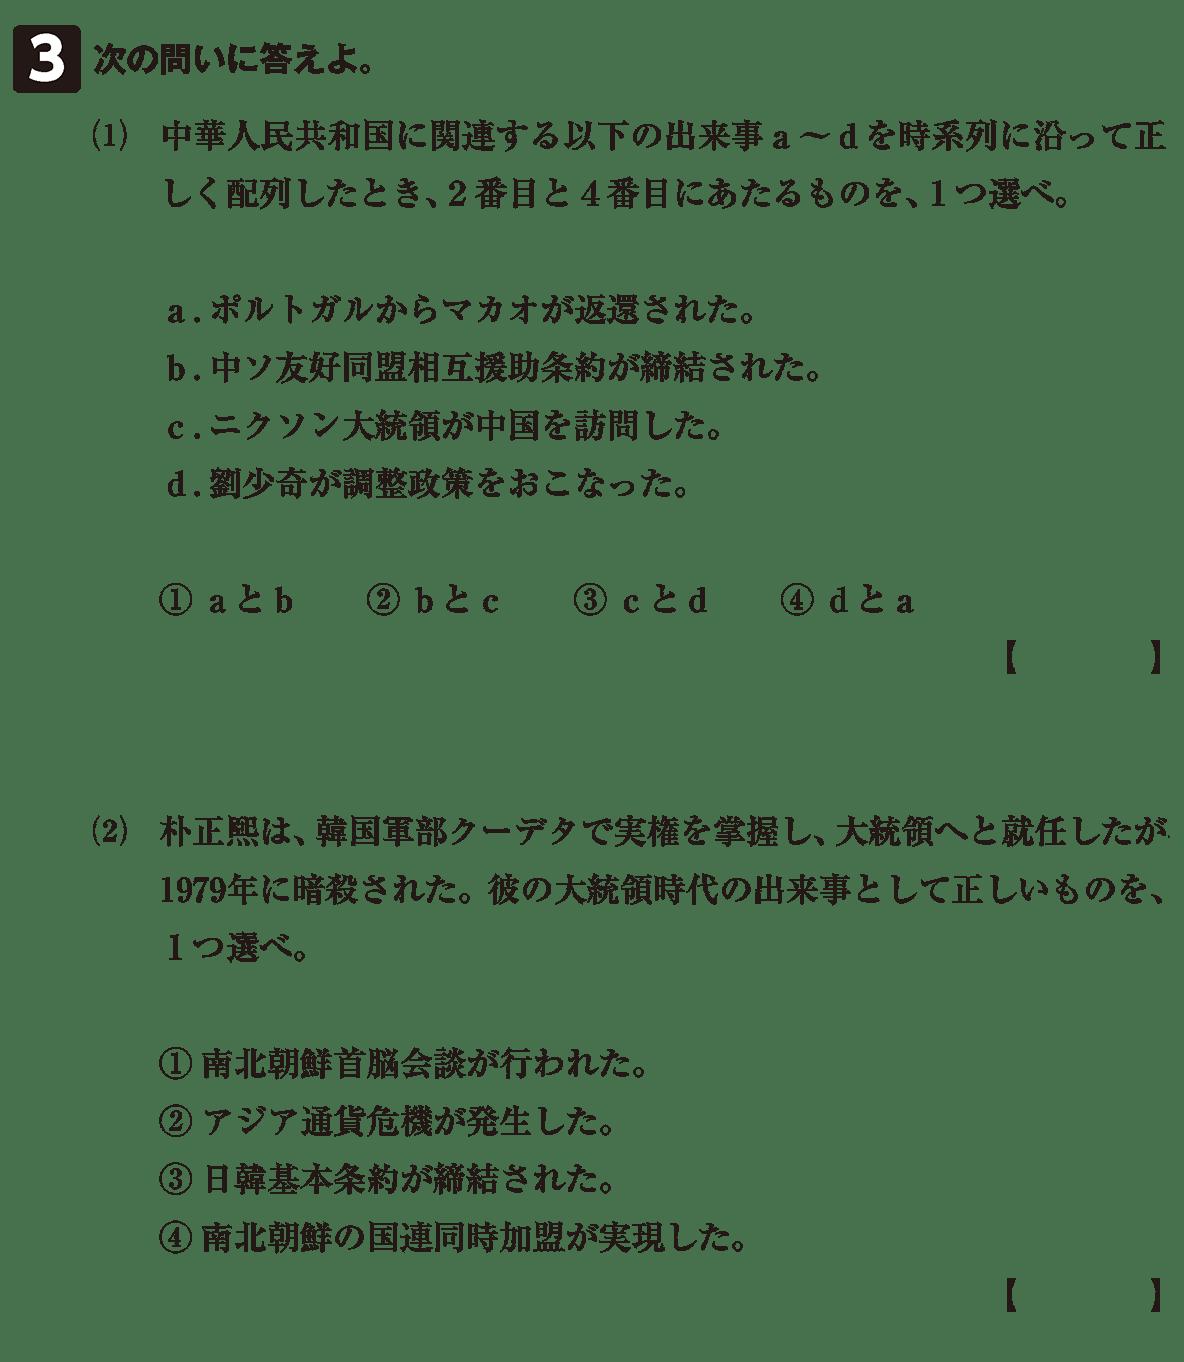 自立を強める東アジア6 確認テスト(後半)